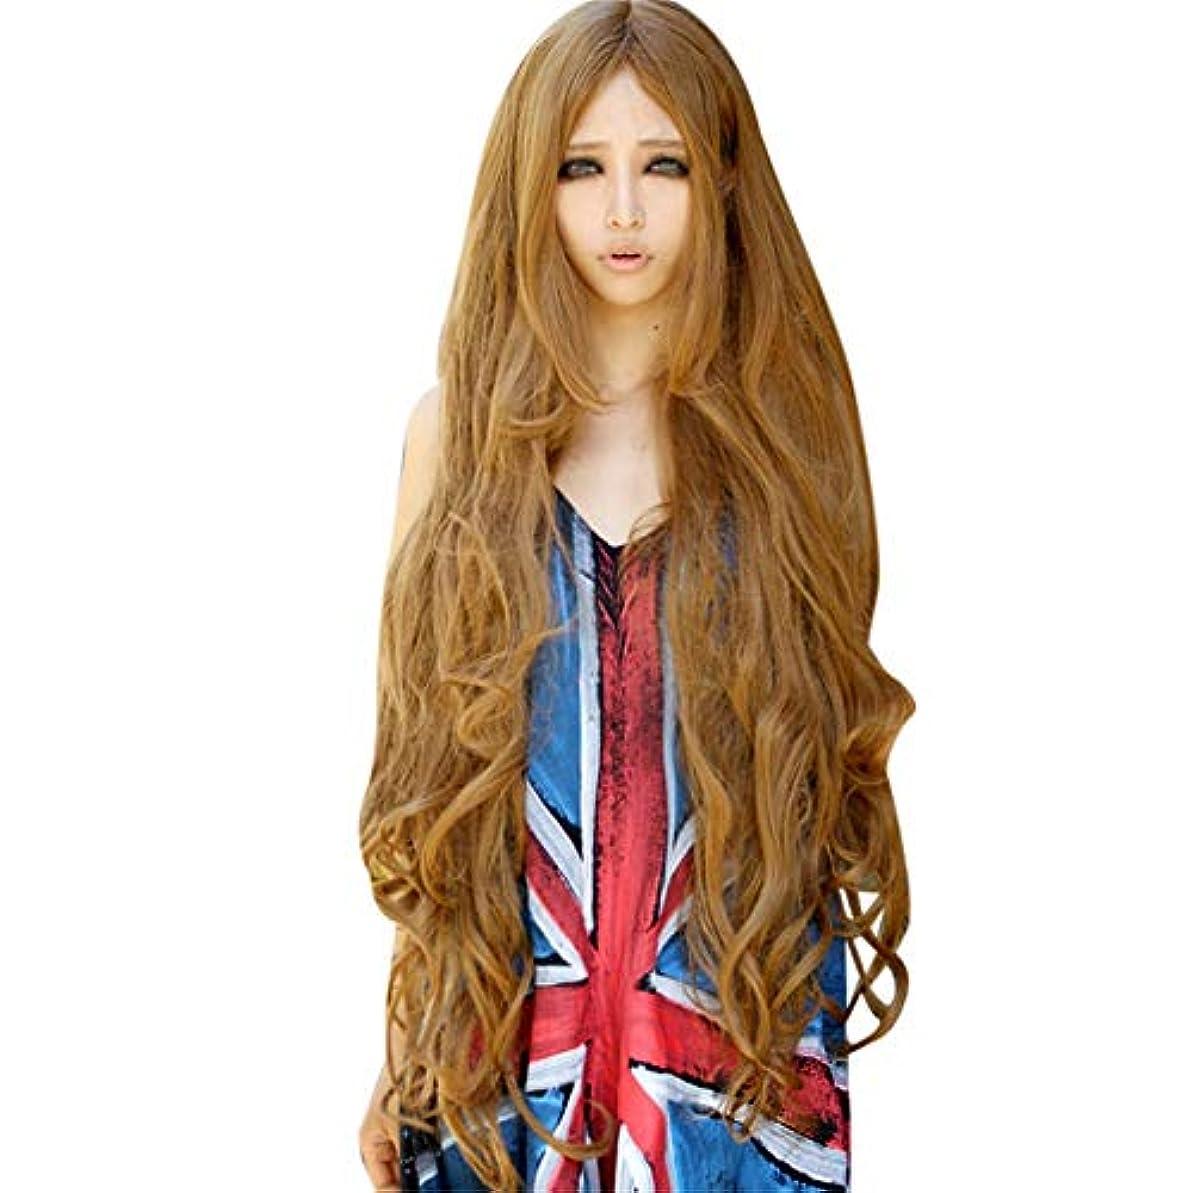 約束する日曜日調子かつらゴールド長い巻き毛ナチュラルかつらファッションパーティーかつら100CM